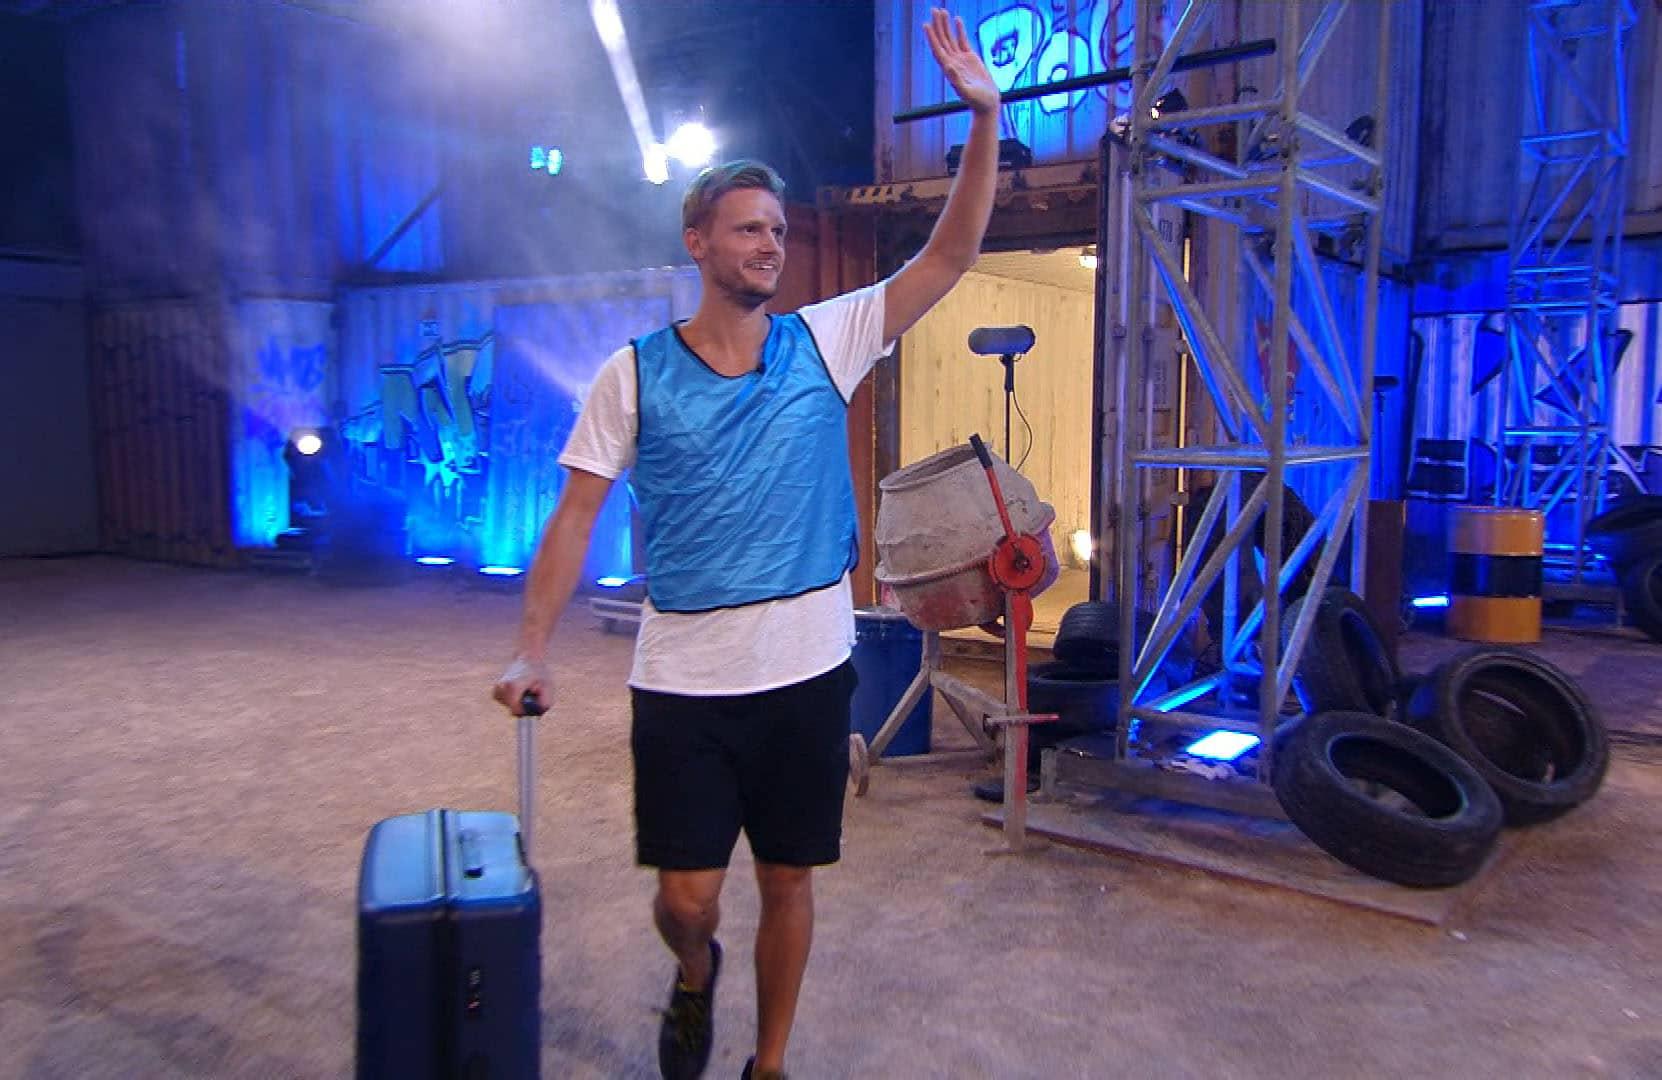 Pascal Behrenbruch zieht aus dem Haus aus.